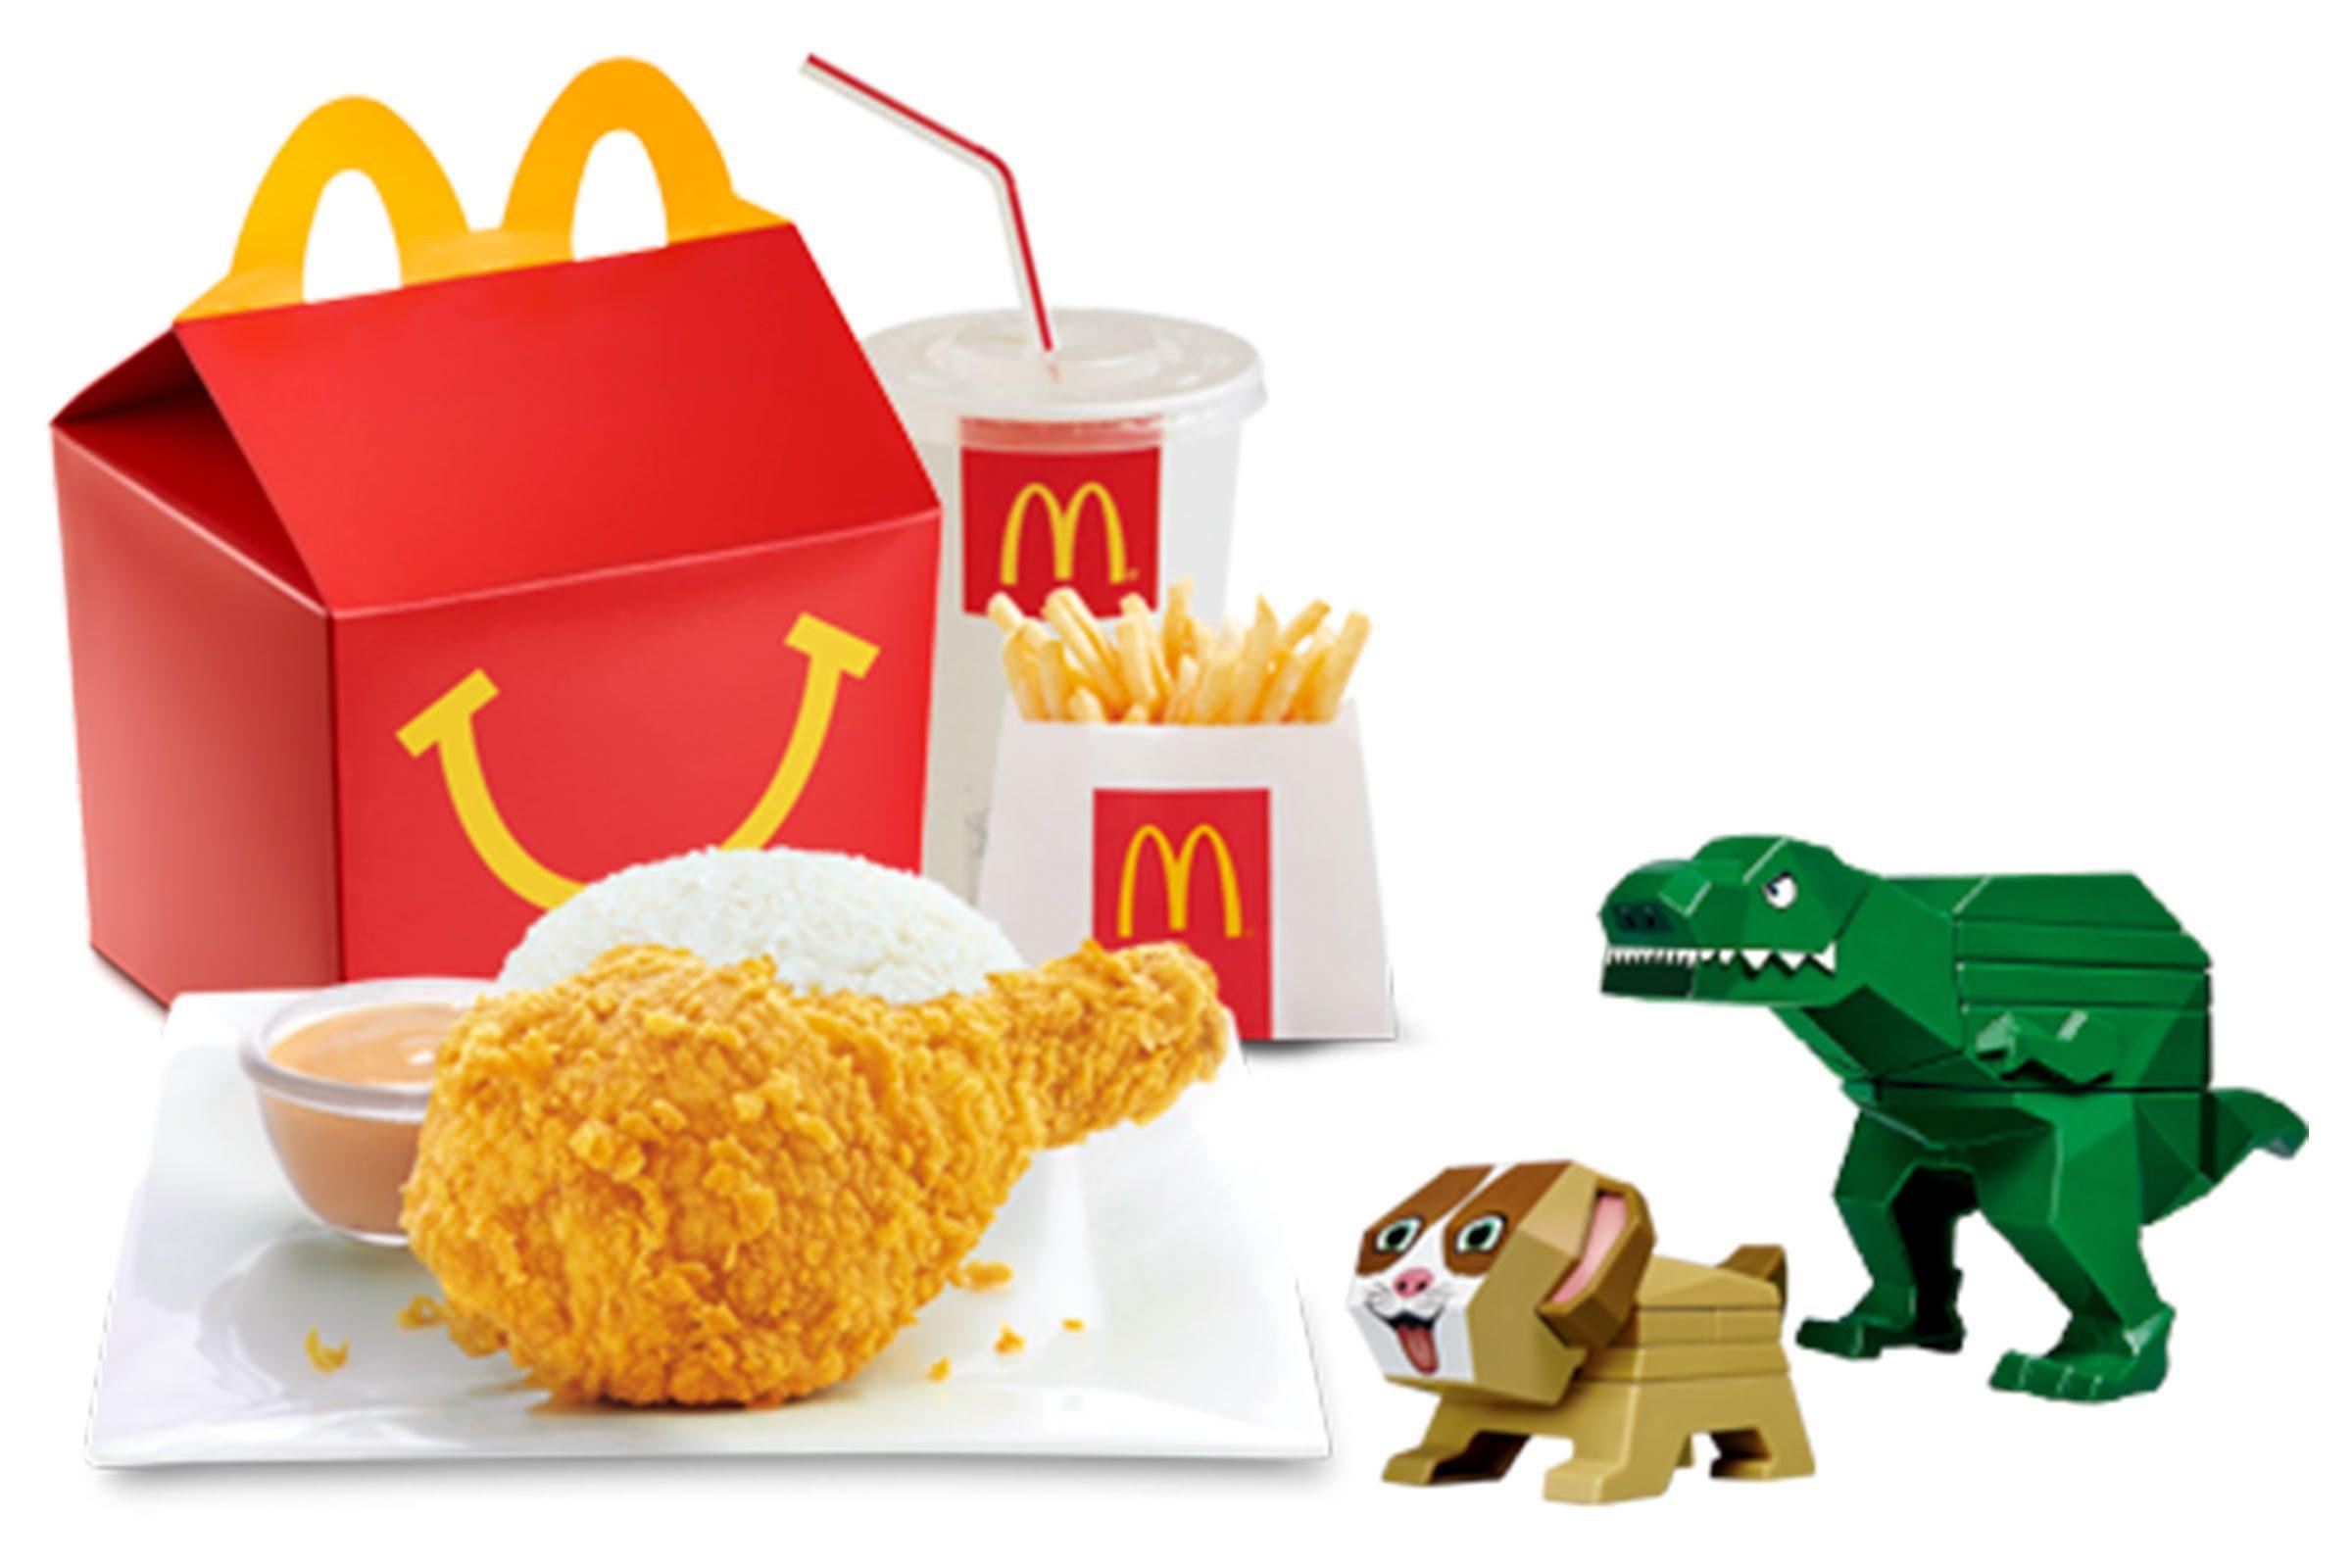 Chicken McDo